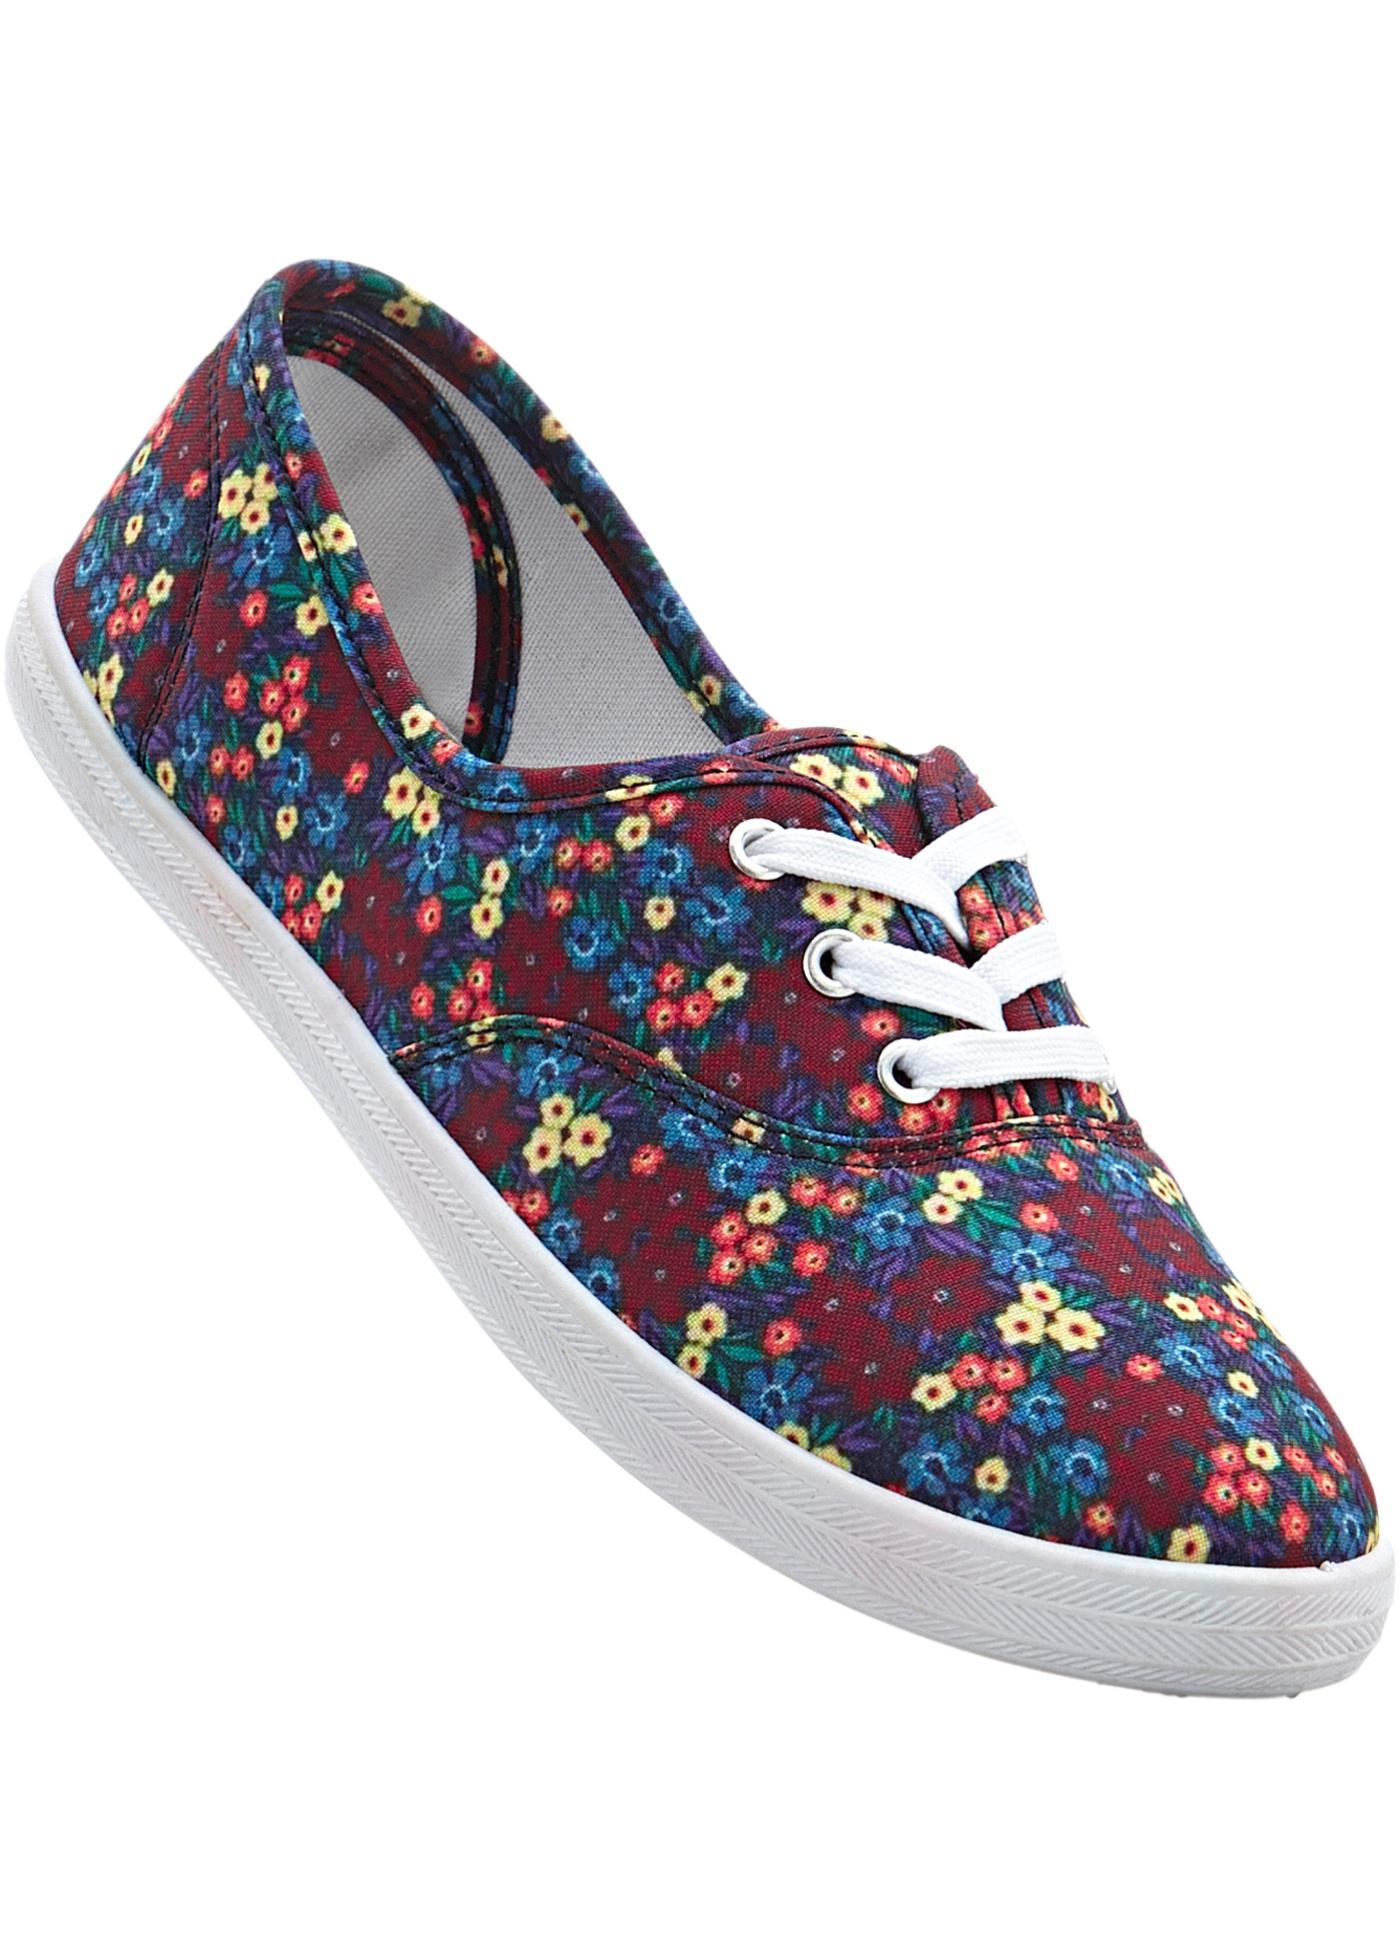 Chaussures de loisirs à lacets, imprimé fleuri, style mode et facile à vivre.